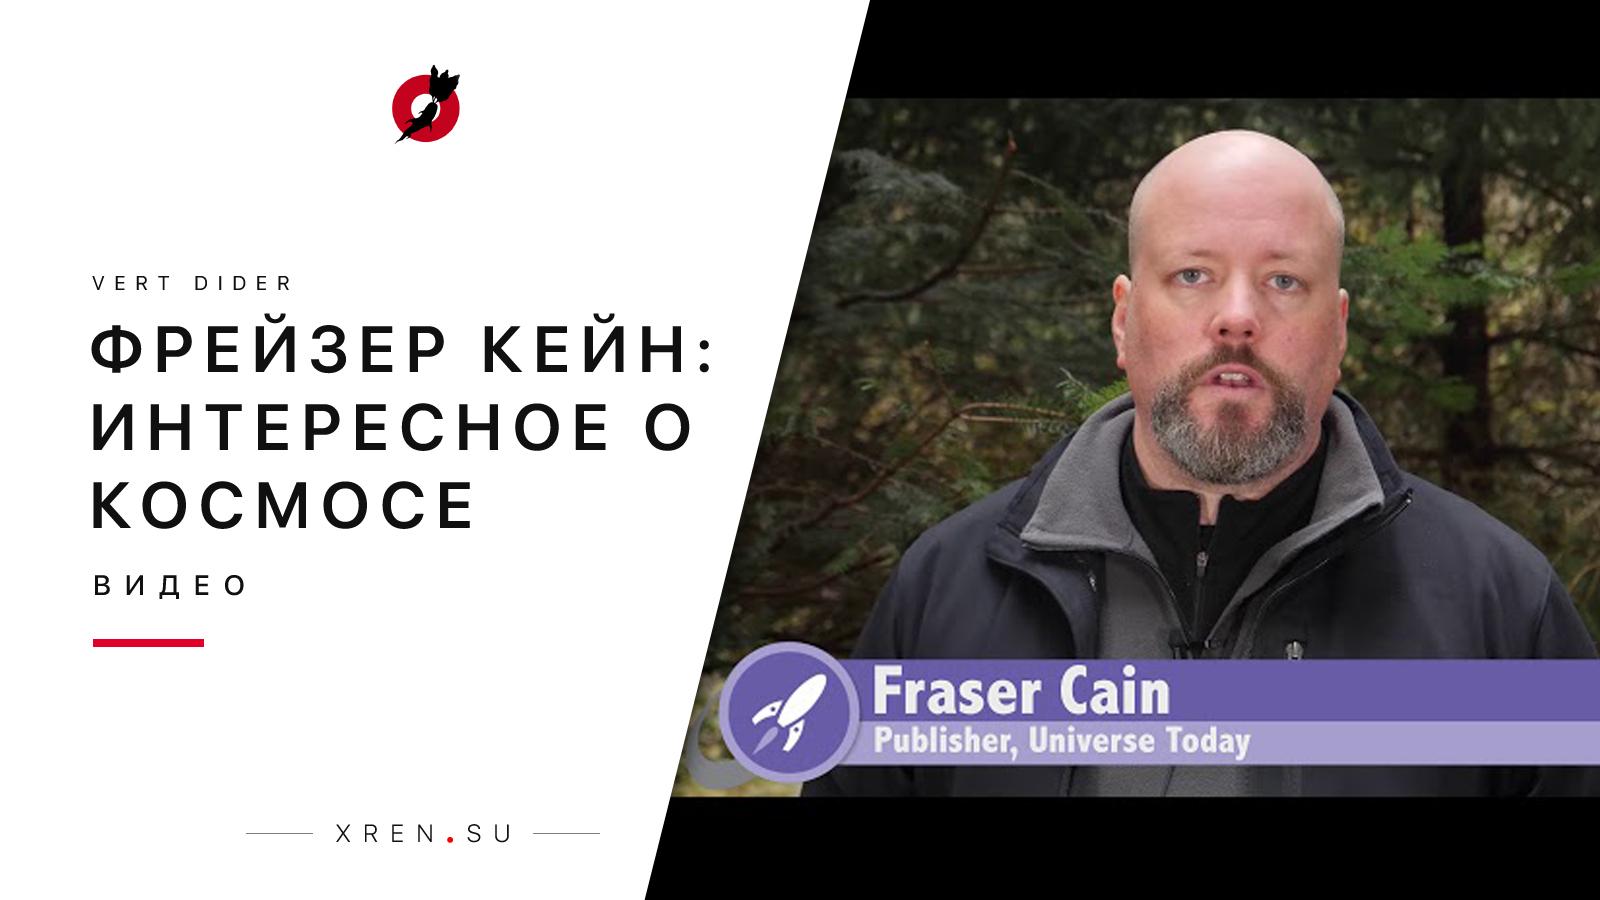 Фрейзер Кейн: интересное о космосе (видео)